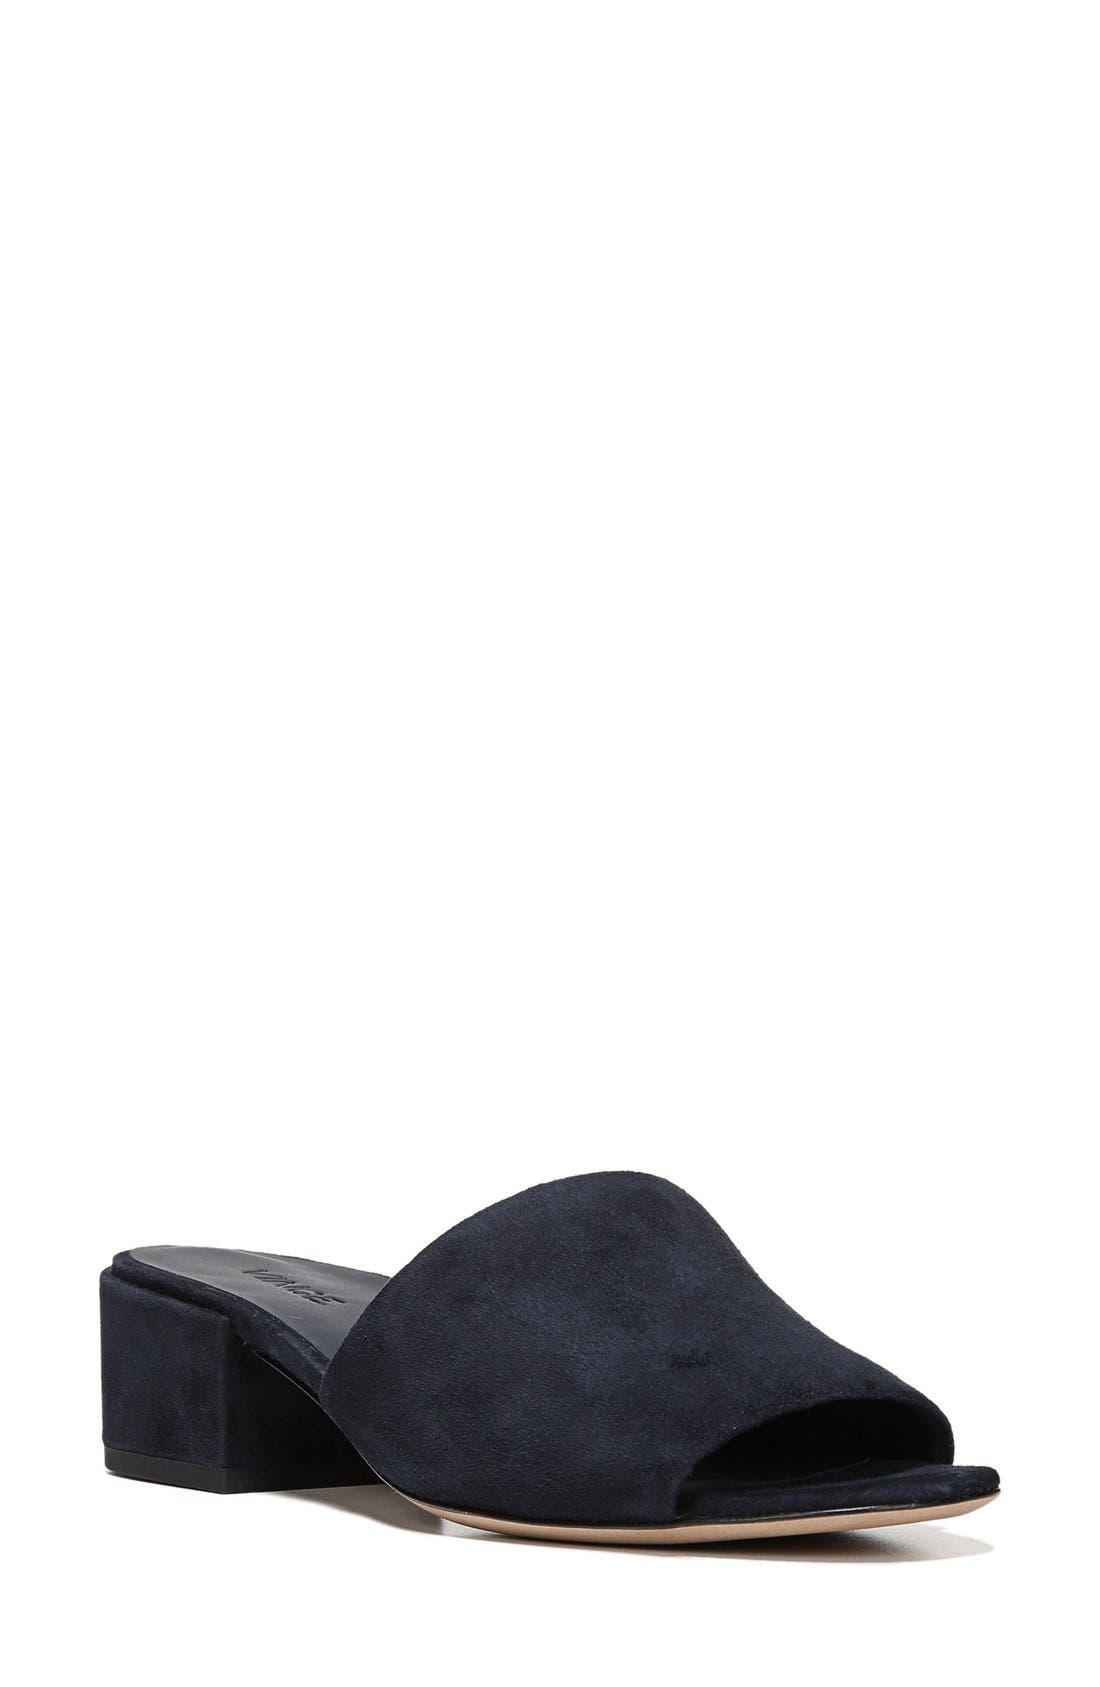 Alternate Image 1 Selected - Vince Rachelle Slide Sandal (Women)